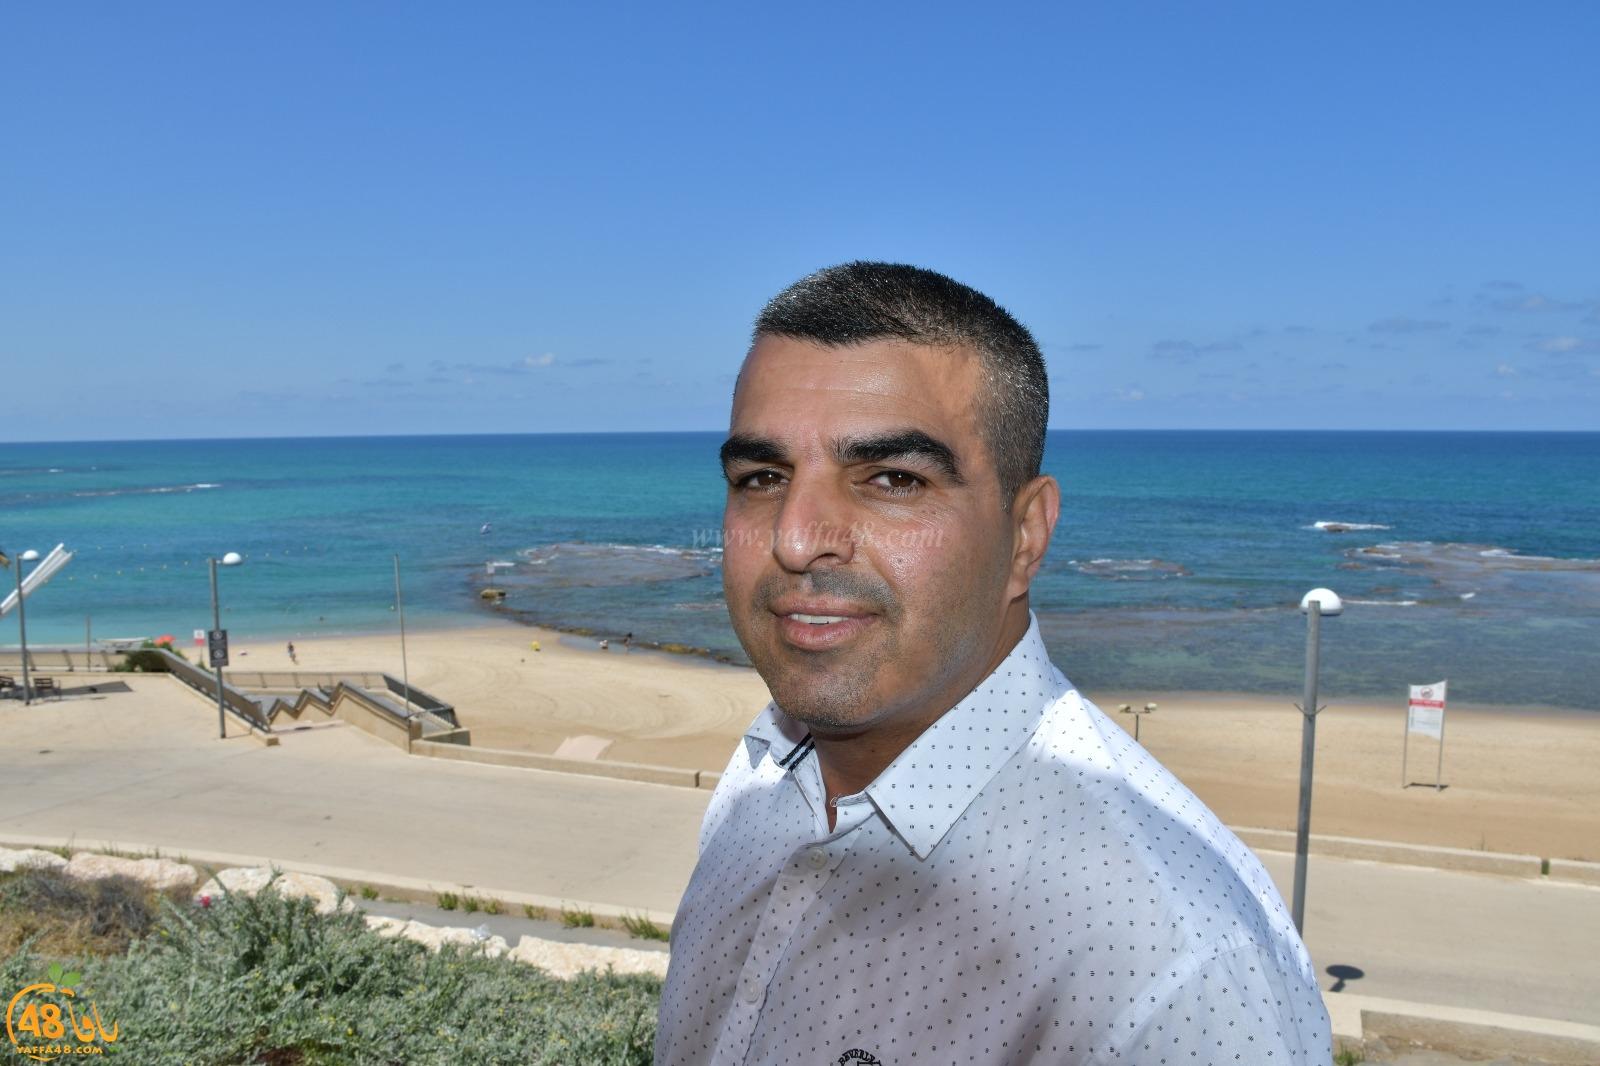 شاهد  قريباً - تقرير خاص ليافا 48 حول عمل مكتب المغربي للعقارات في يافا